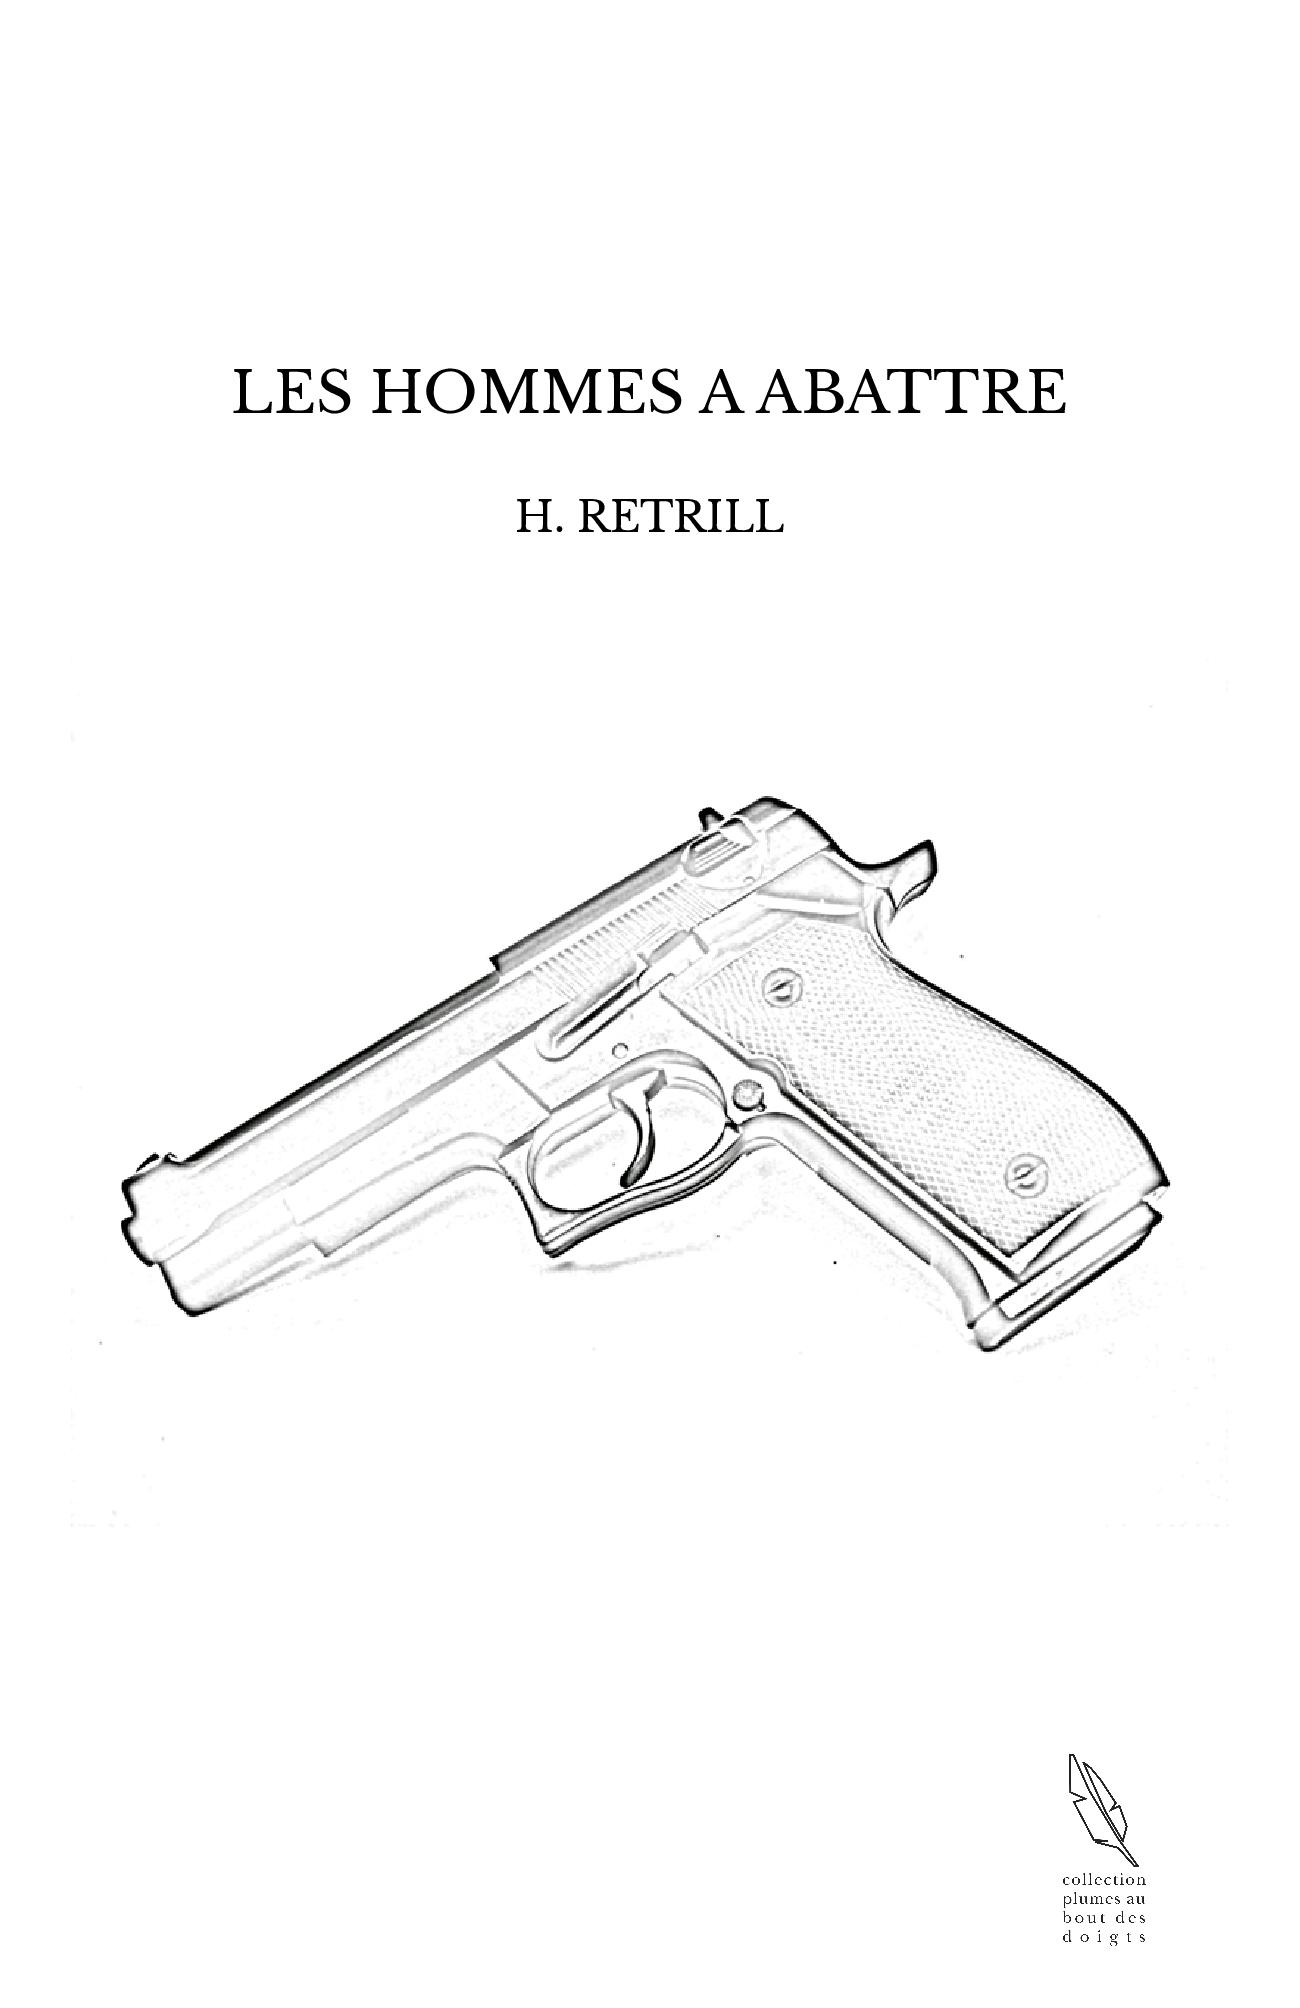 LES HOMMES A ABATTRE